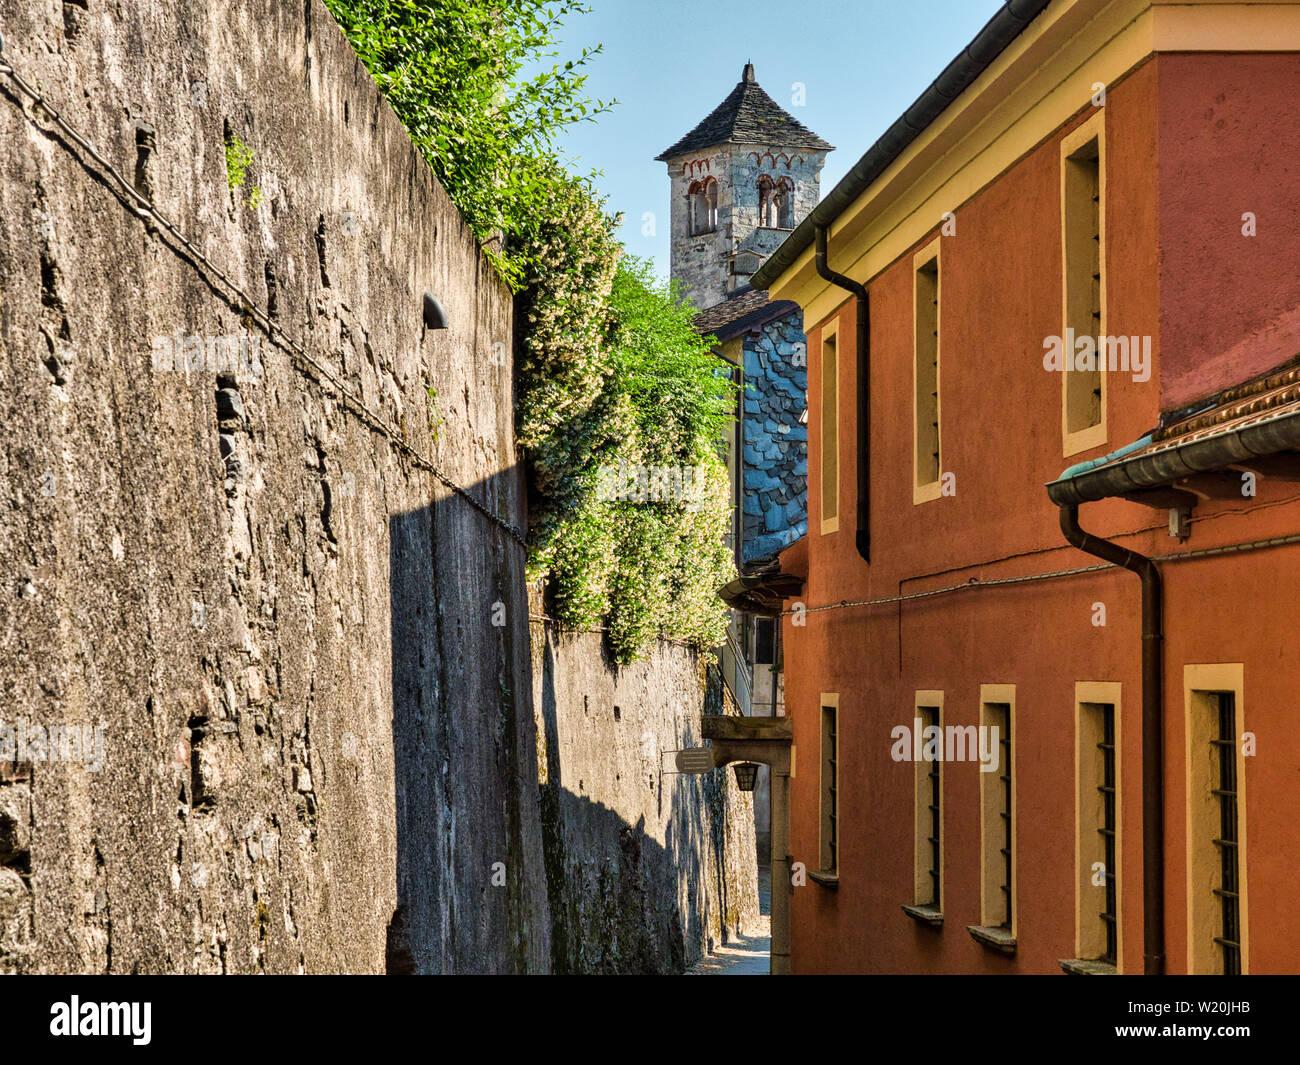 Strada desolata con via e pareti di pietra sull'Isola di San Giulio nel Lago d'Orta con il campanile di San Giulio Basilica in background durante una Foto Stock